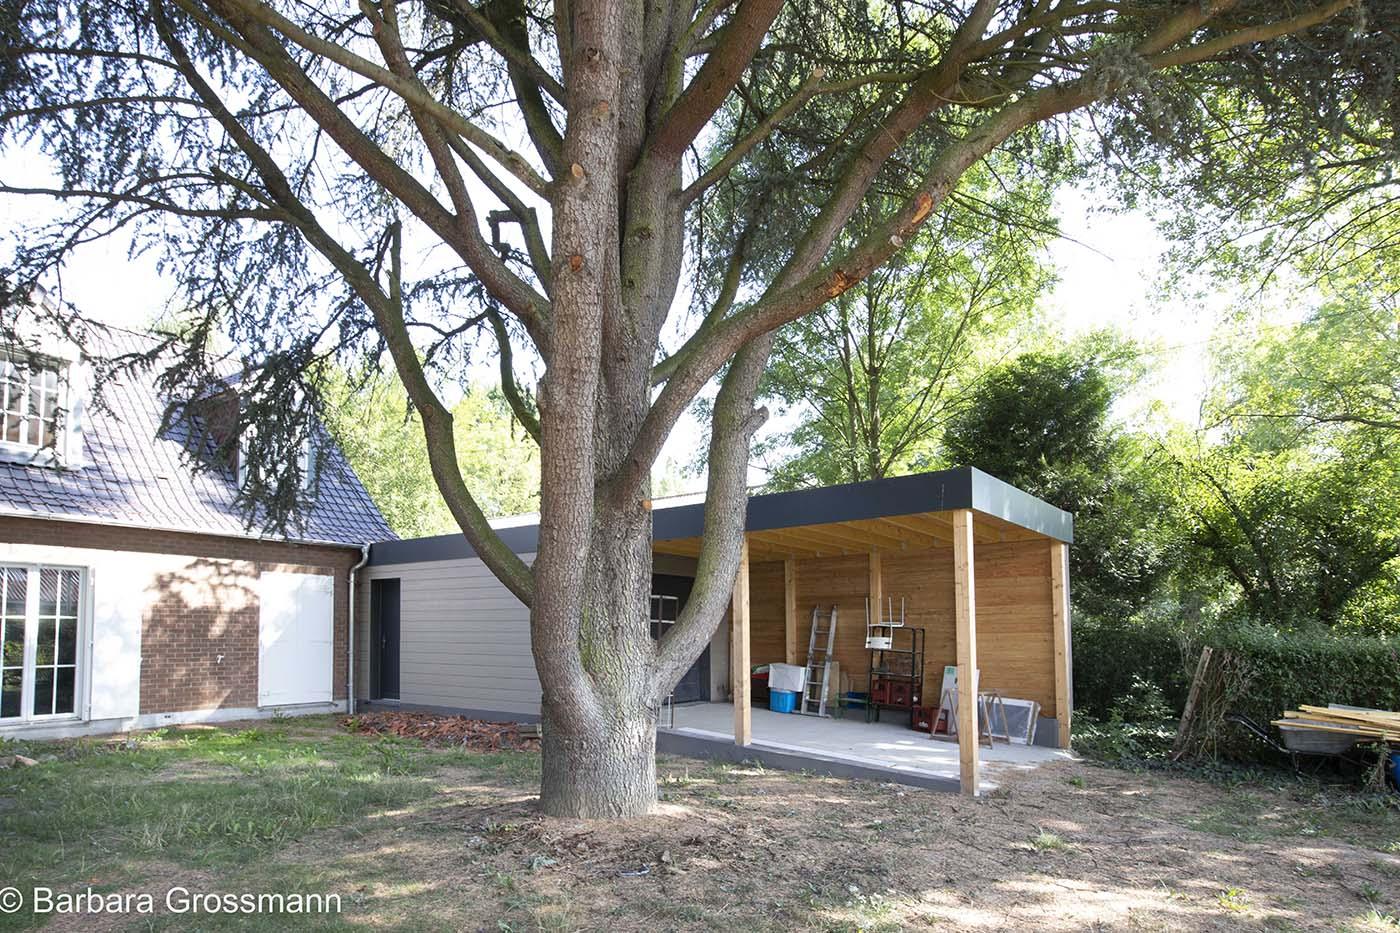 Atelier et carport devant la maison, pour garer une voiture, stocker du bois et ranger le matériel de jardin